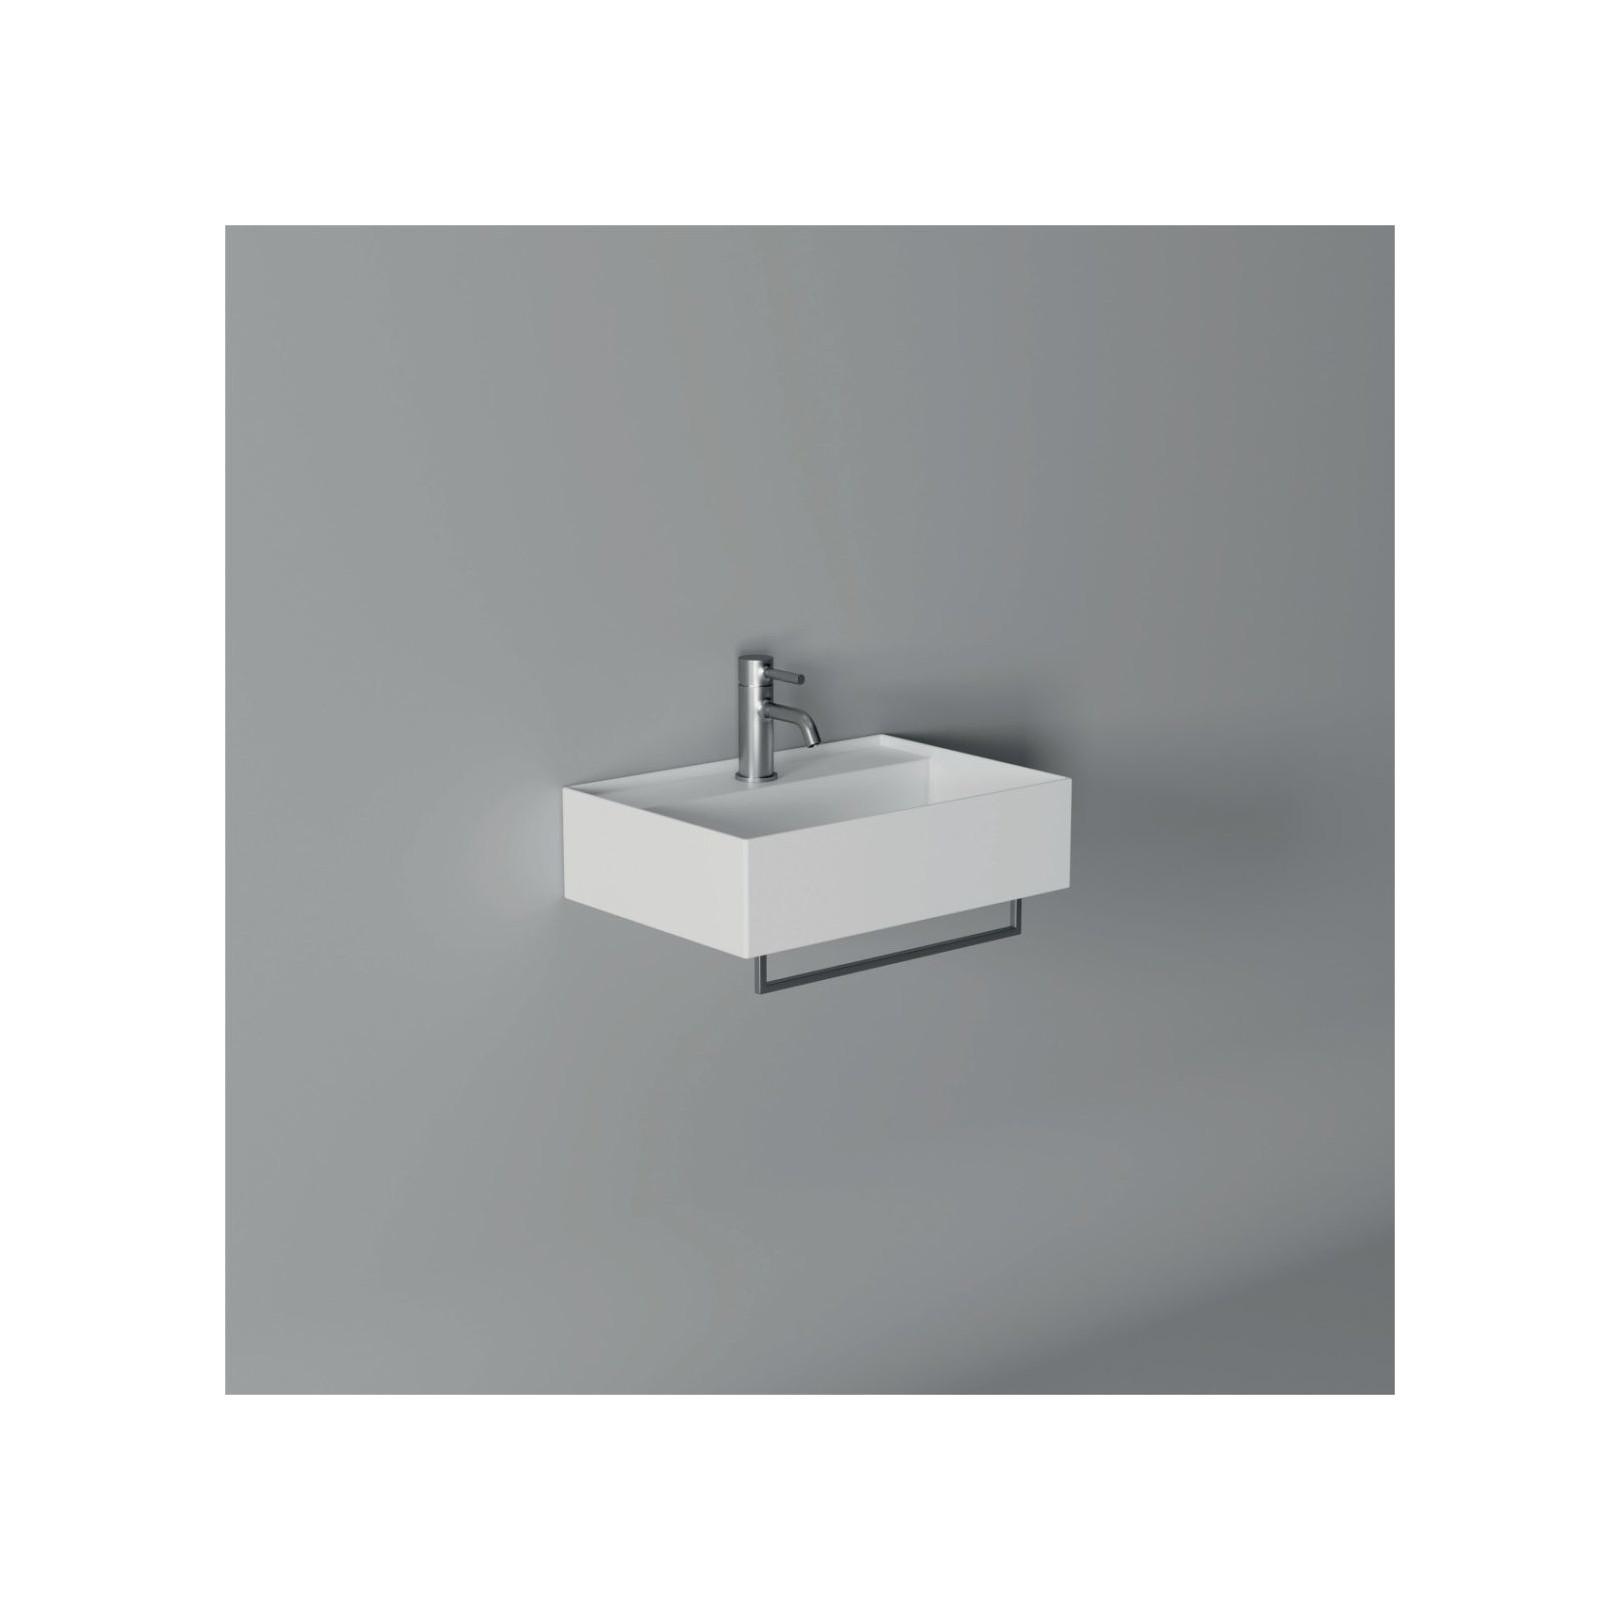 Lavabo, vasque Hide 50x35cm (16 couleurs) rectangle ref. 31270101